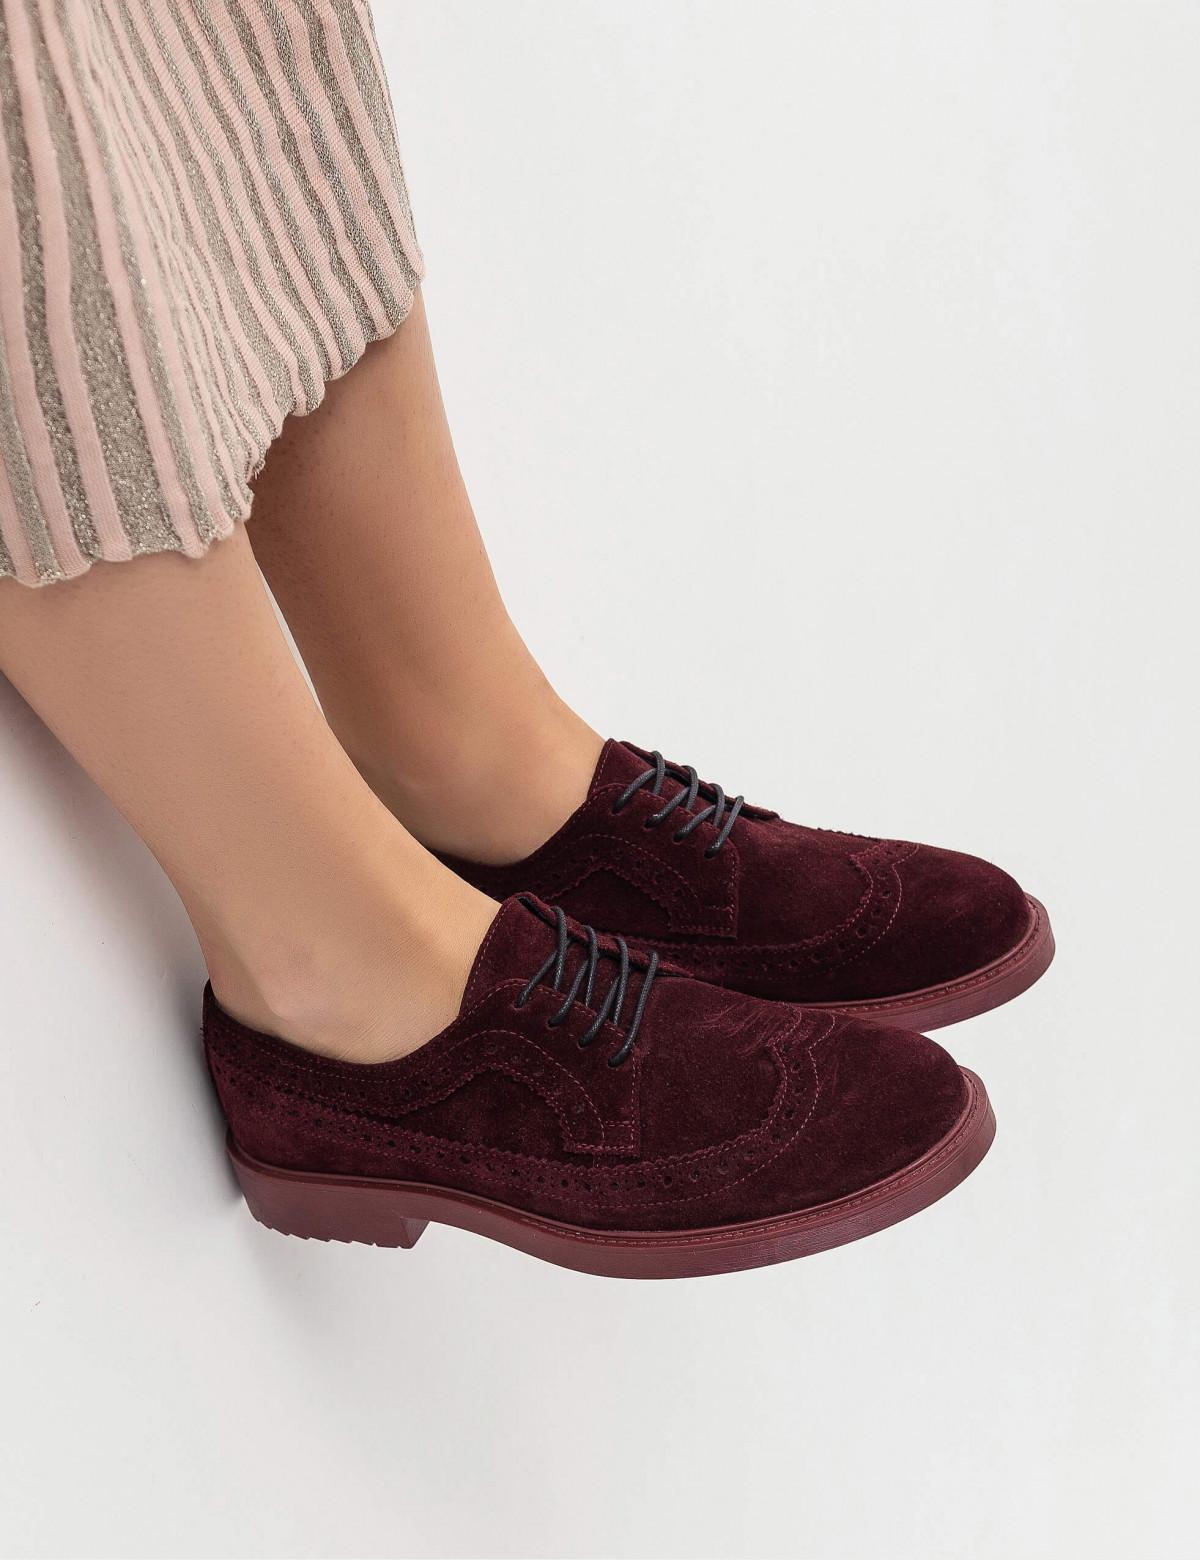 Туфли бордовые, натуральная замша6